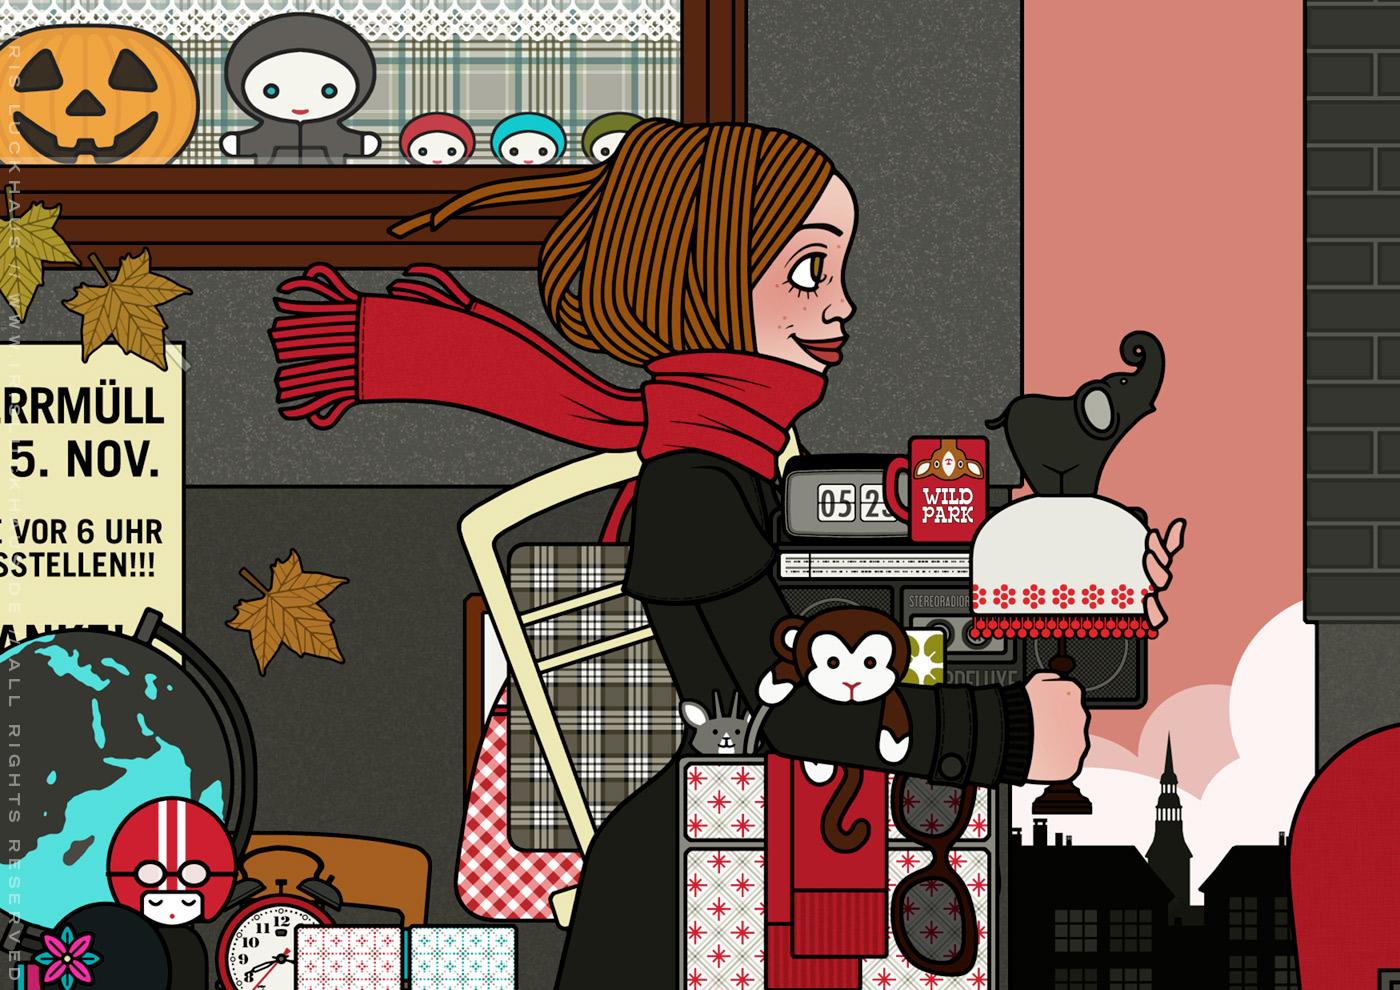 Ausschnitt aus der Zeichnung eines Mädchens, das auf dem Flohmarkt oder Sperrmüll Dinge, Taschen, Lampen, Tassen und Figuren findet und mitnimmt, für Lily Lux